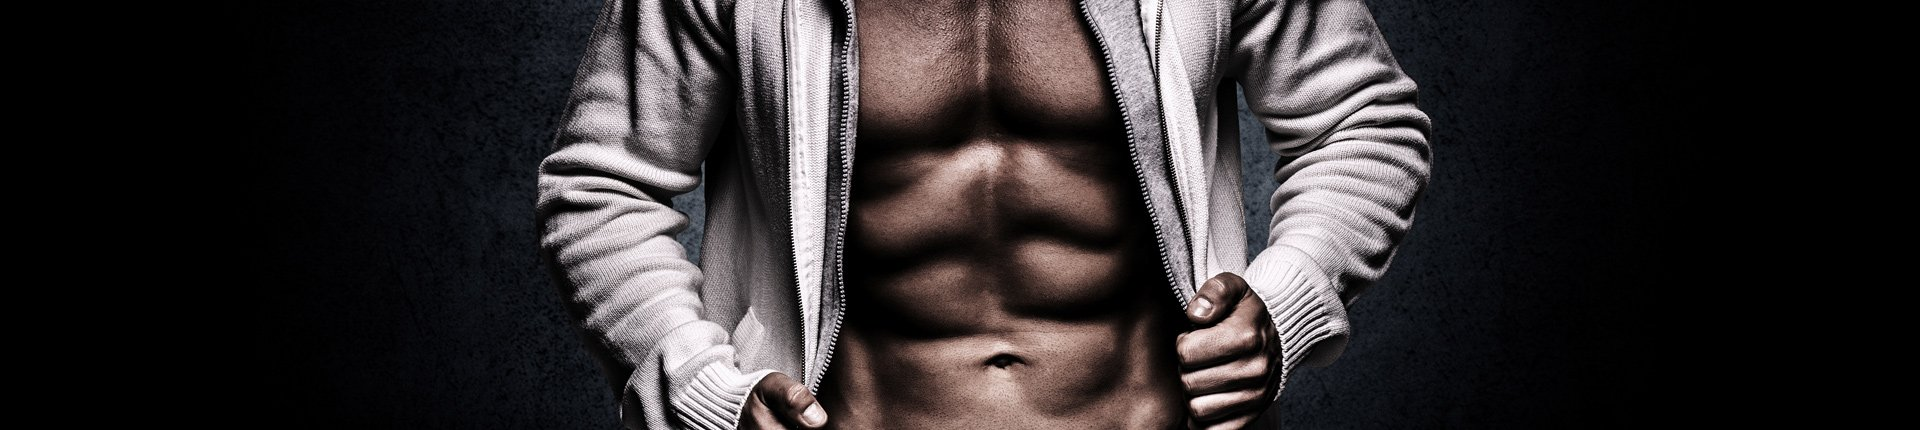 Testosteron: fakty, mity - przyrosty masy i siły